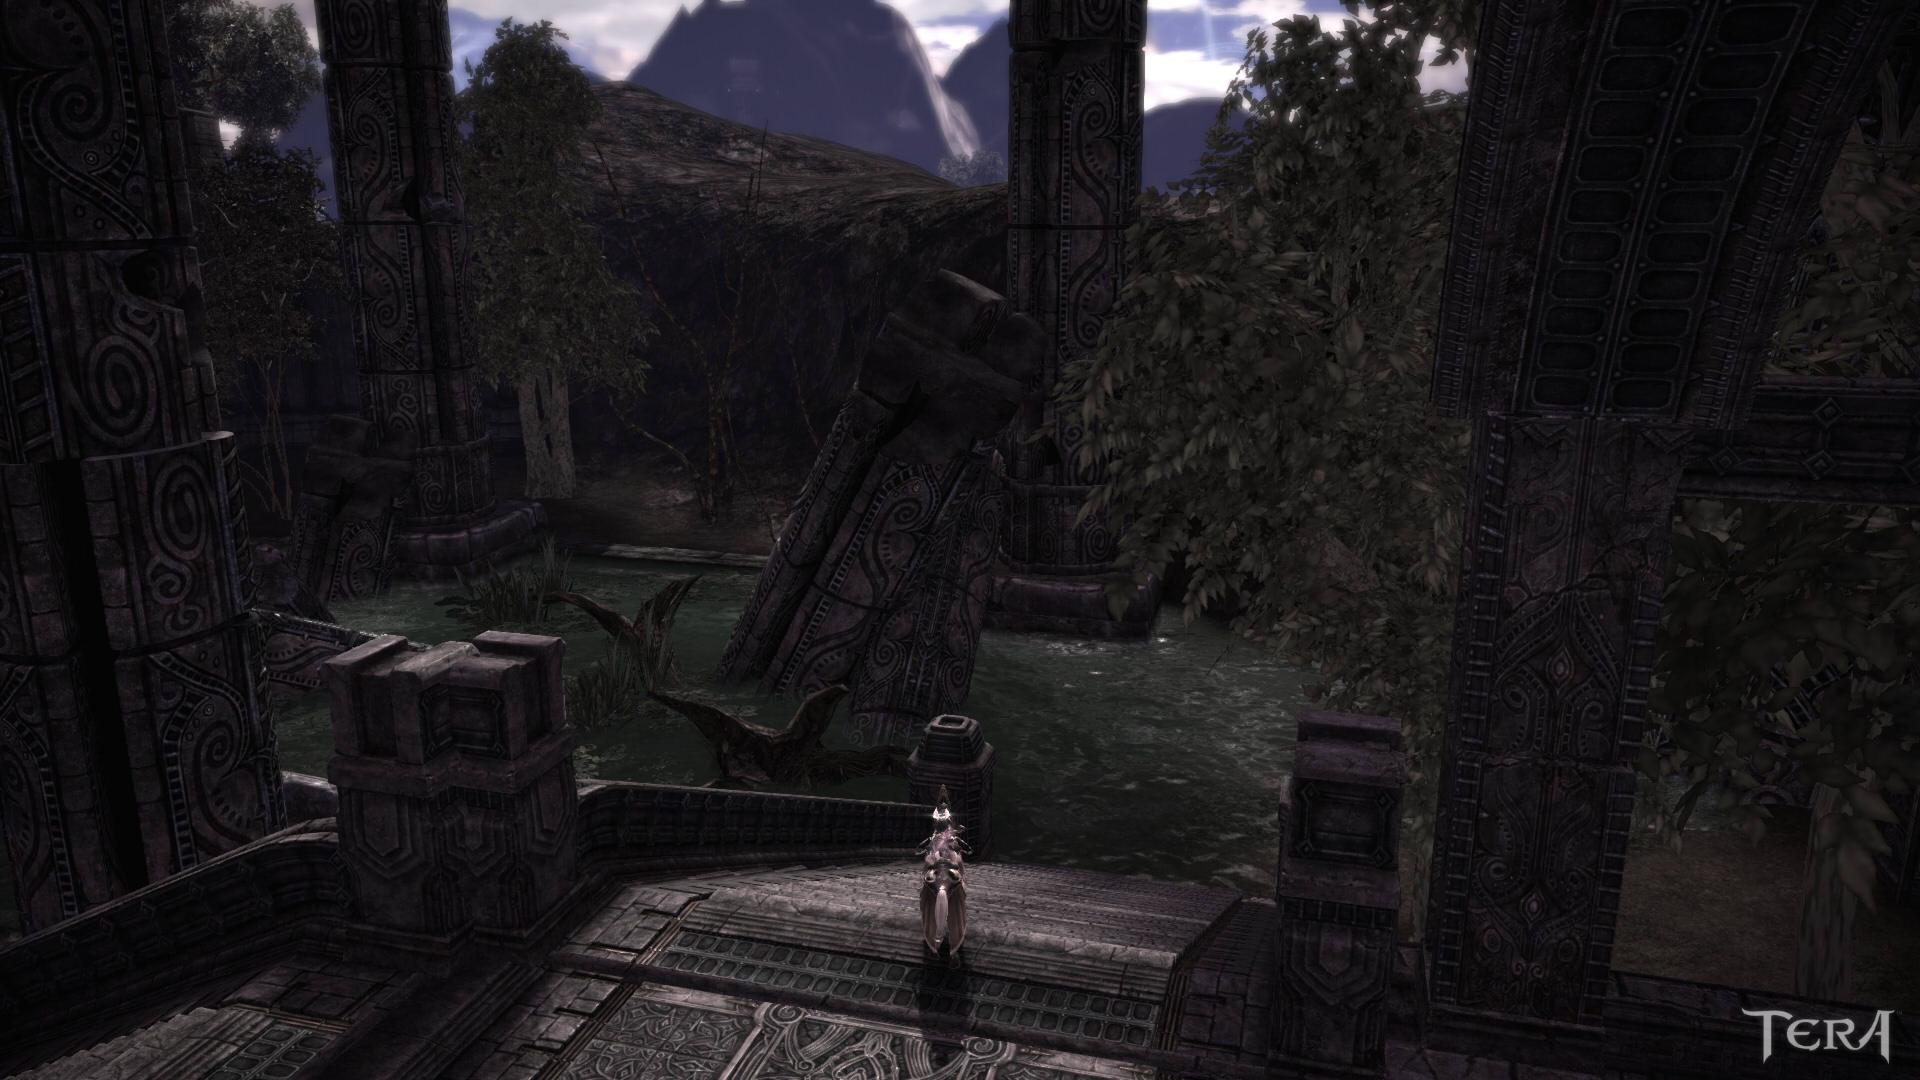 TERA_2013_04_11_02_39_08_736.jpg